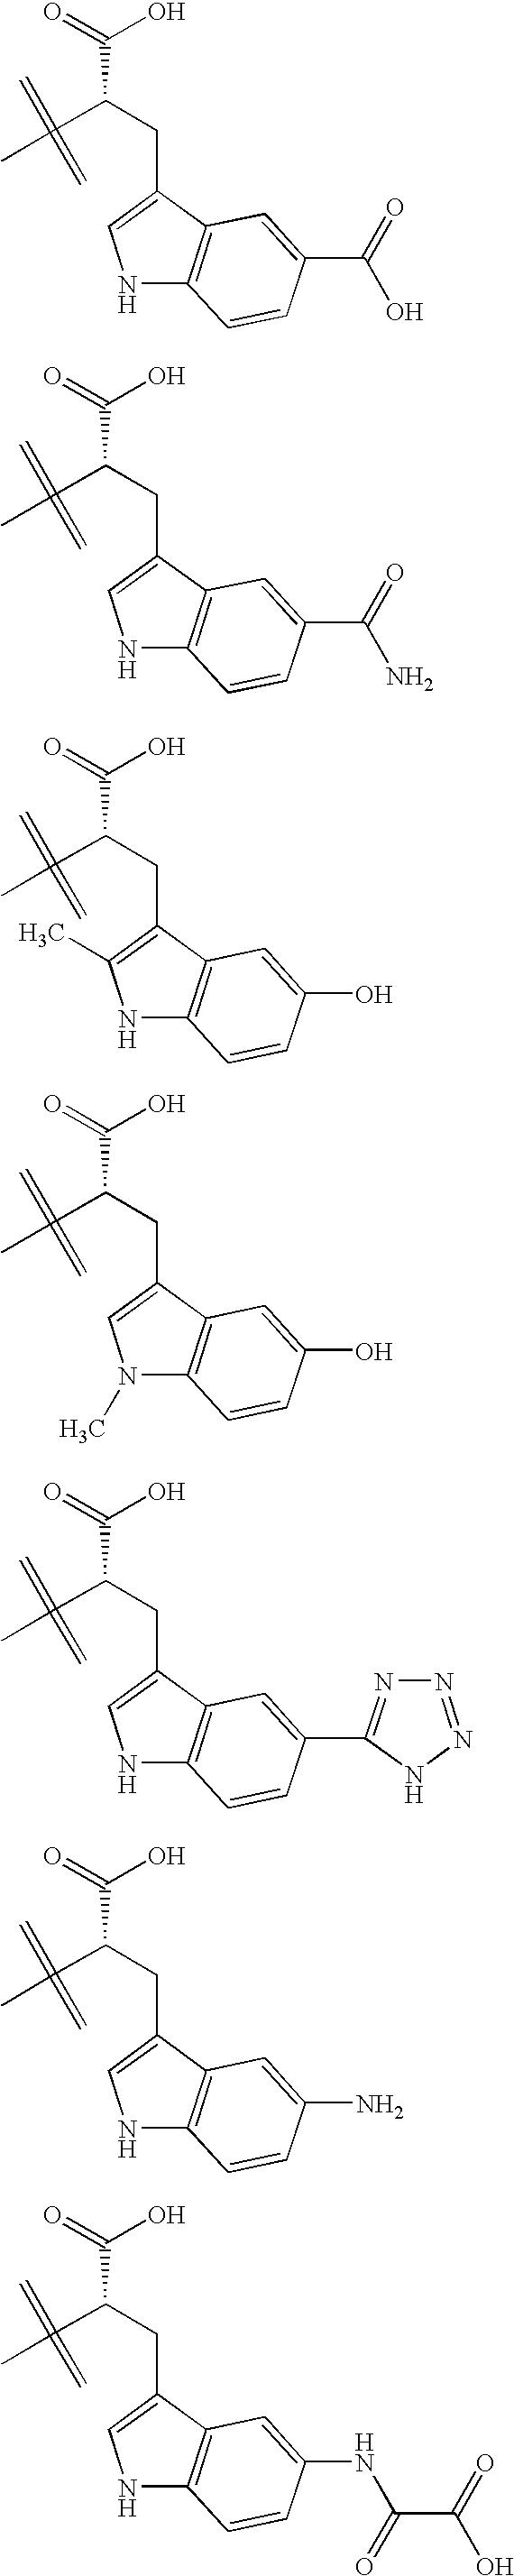 Figure US20070049593A1-20070301-C00119